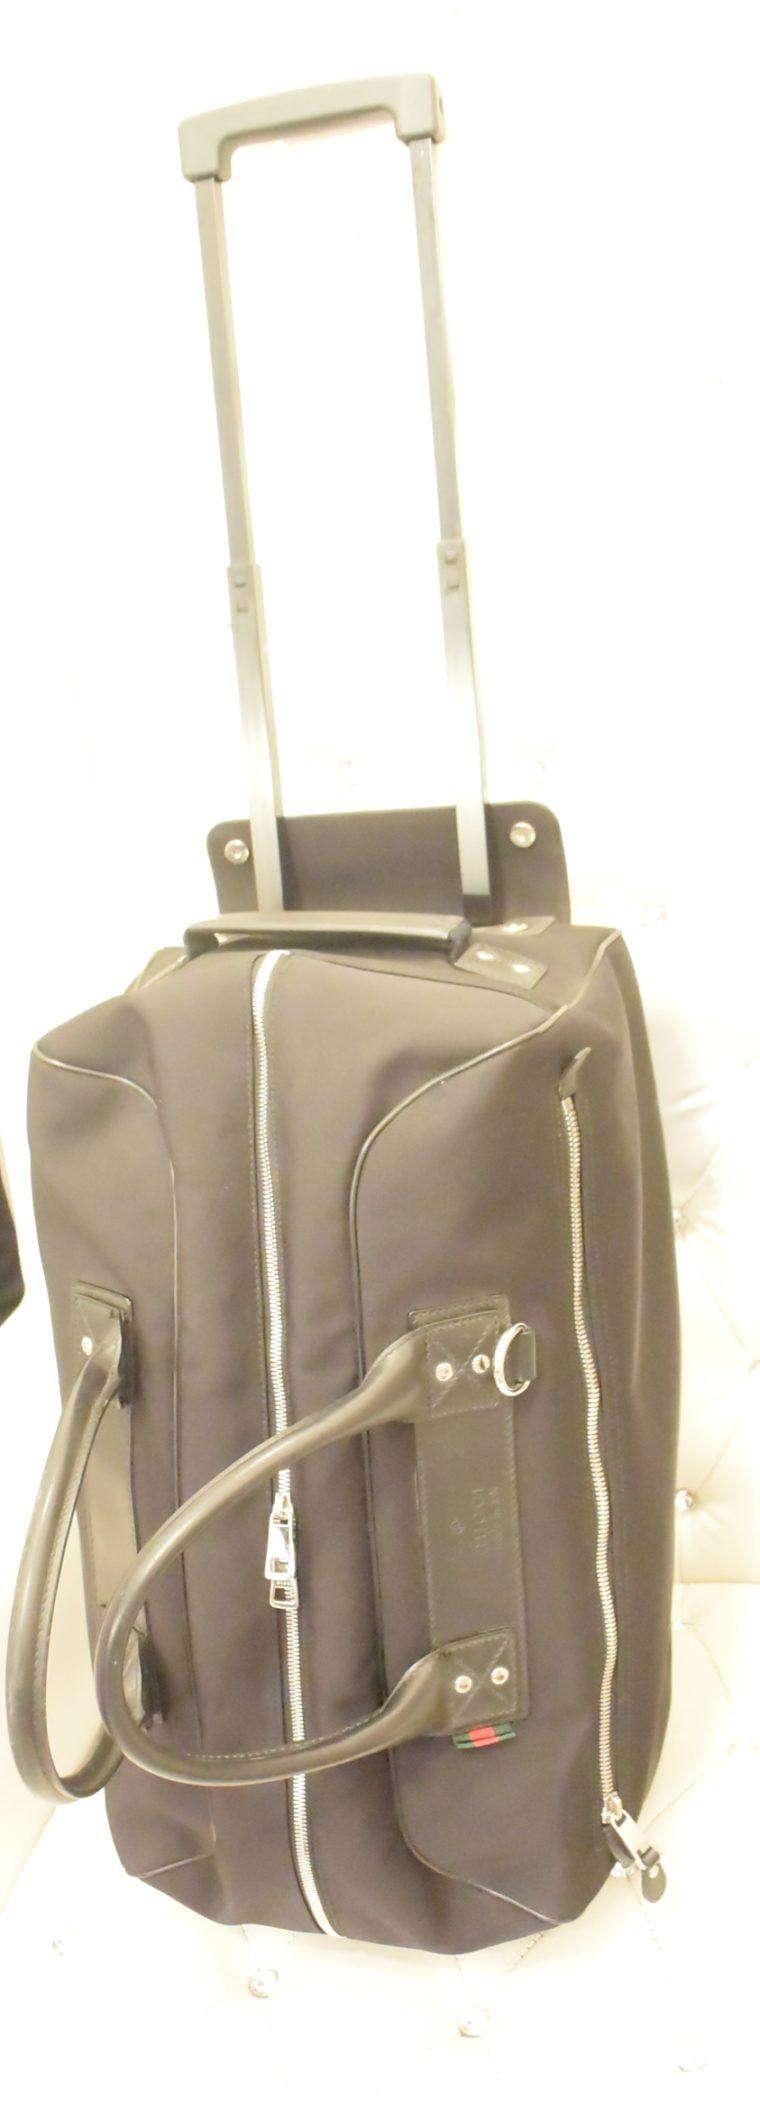 Gucci Reisetasche Trolley Koffer schwarz-13484